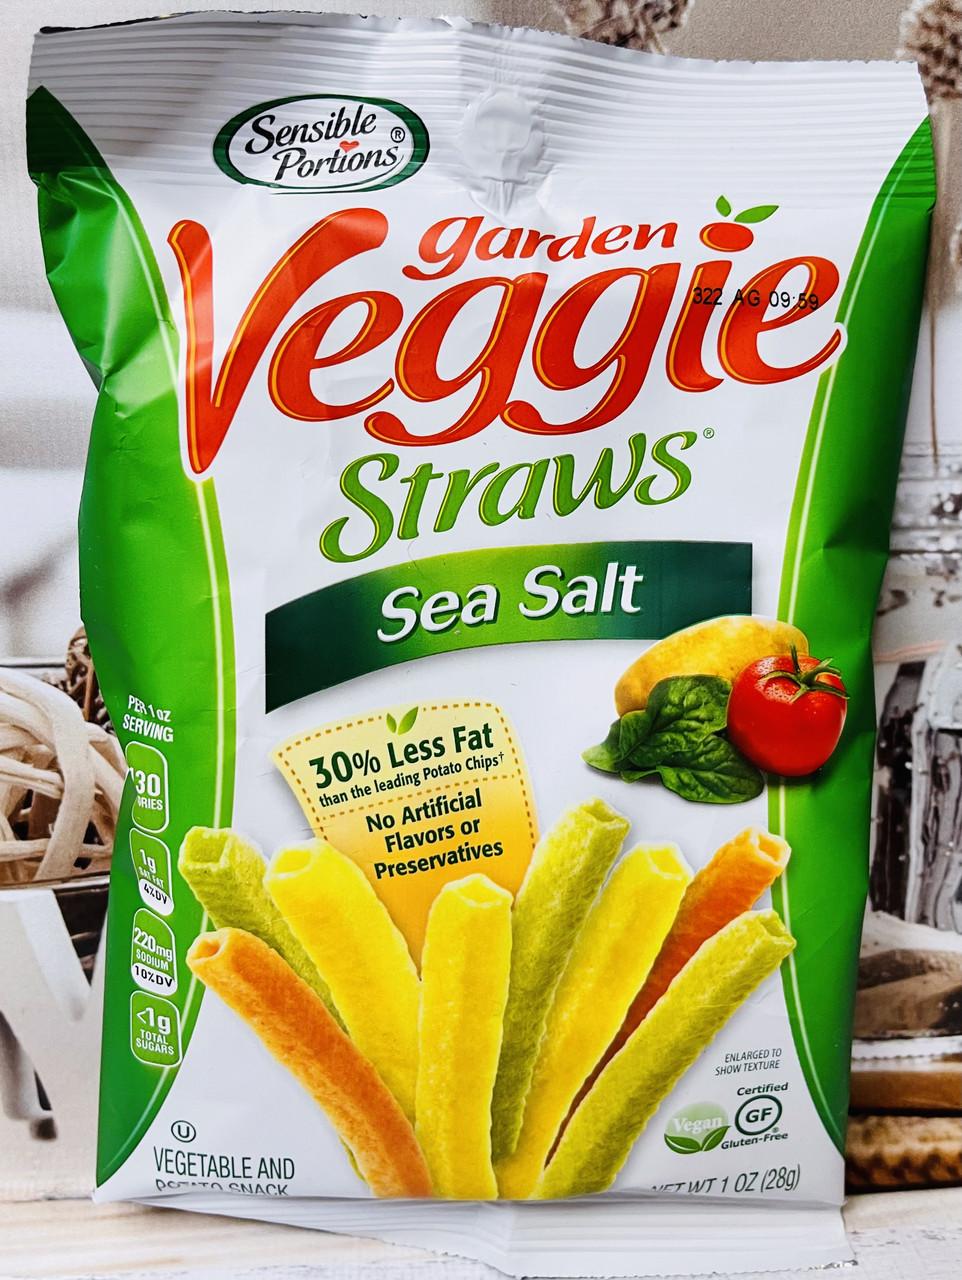 Овощные чипсовые снэки Sensible Portions Garden Veggie Straws